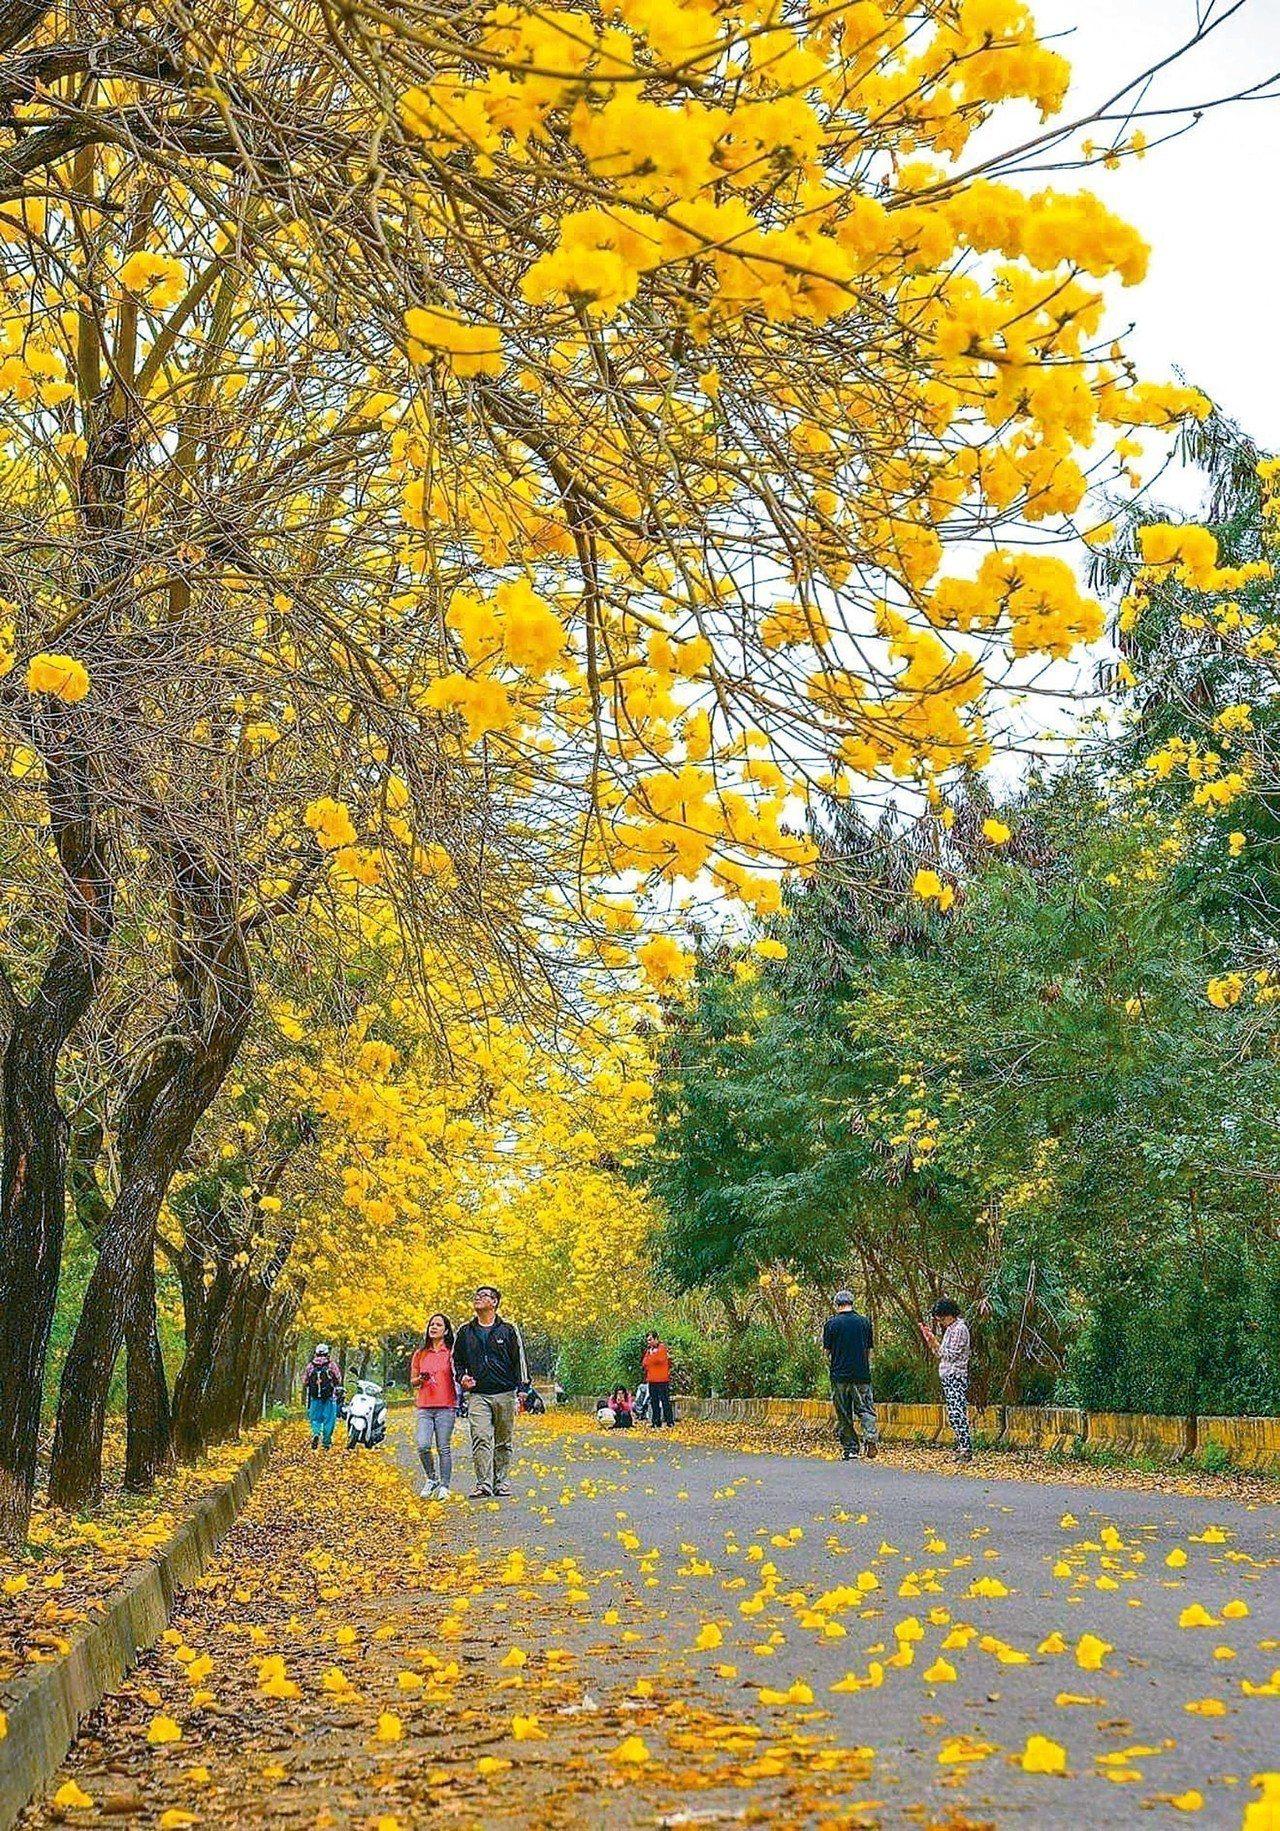 嘉義縣中埔鄉平實街周邊黃花風鈴木盛開,吸引許多人賞花拍照。 攝影師陳紜紜提供